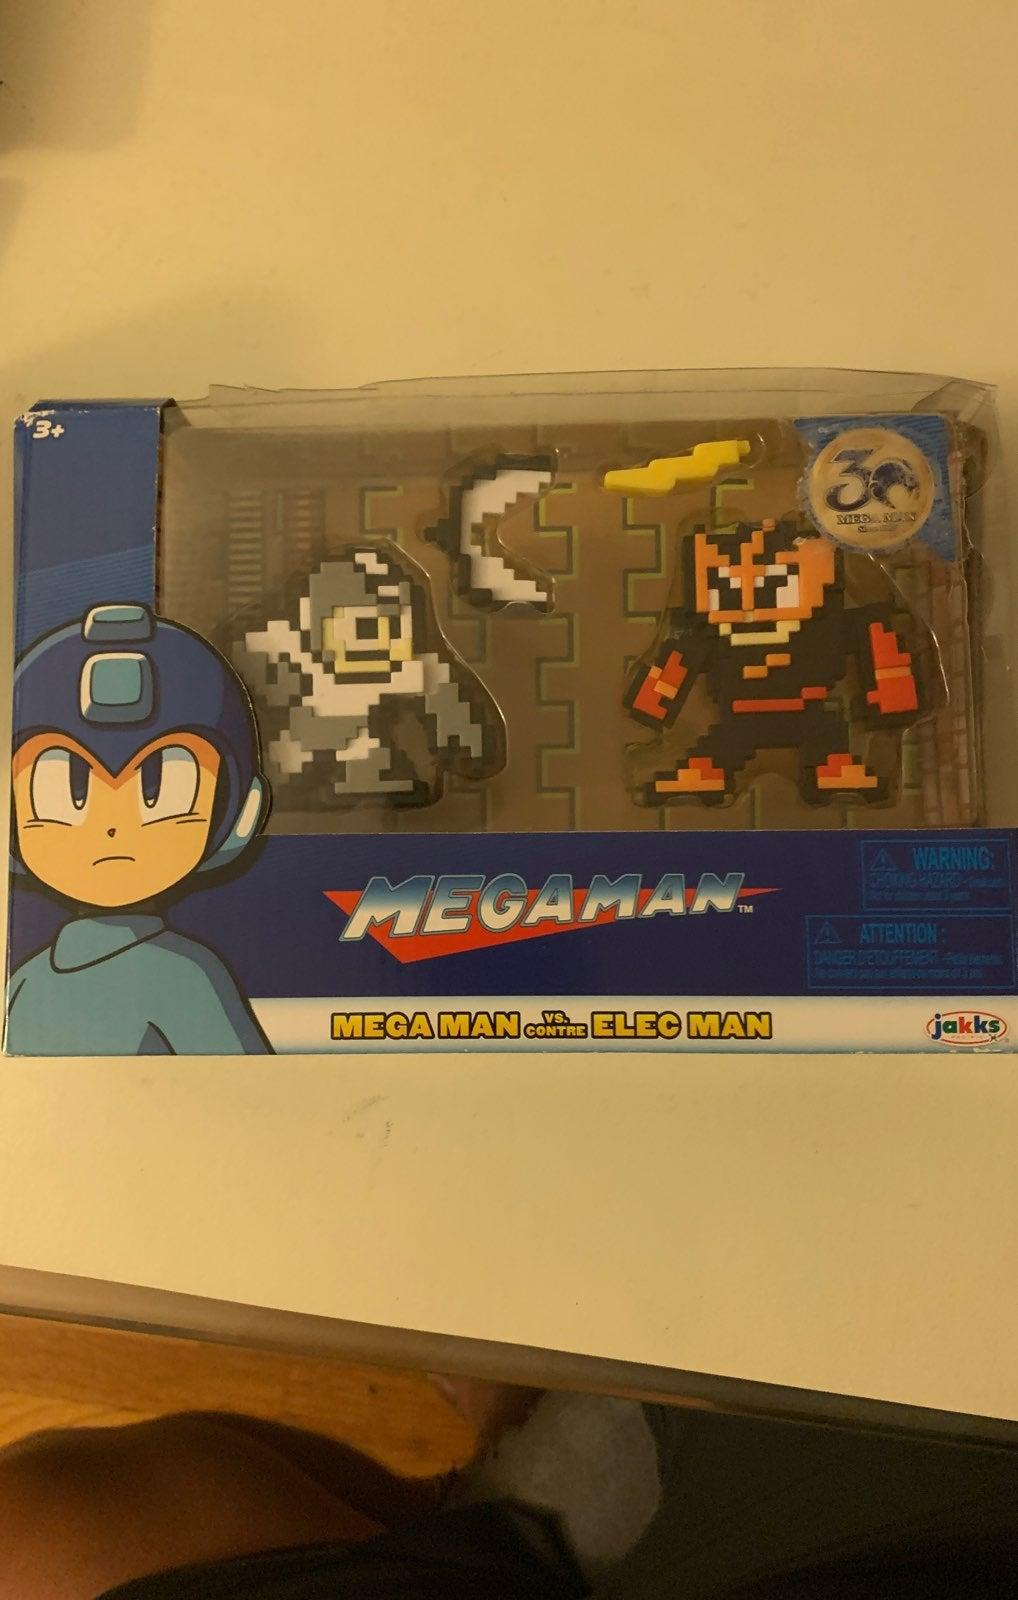 Mega Man vs Elec Man  8 bit